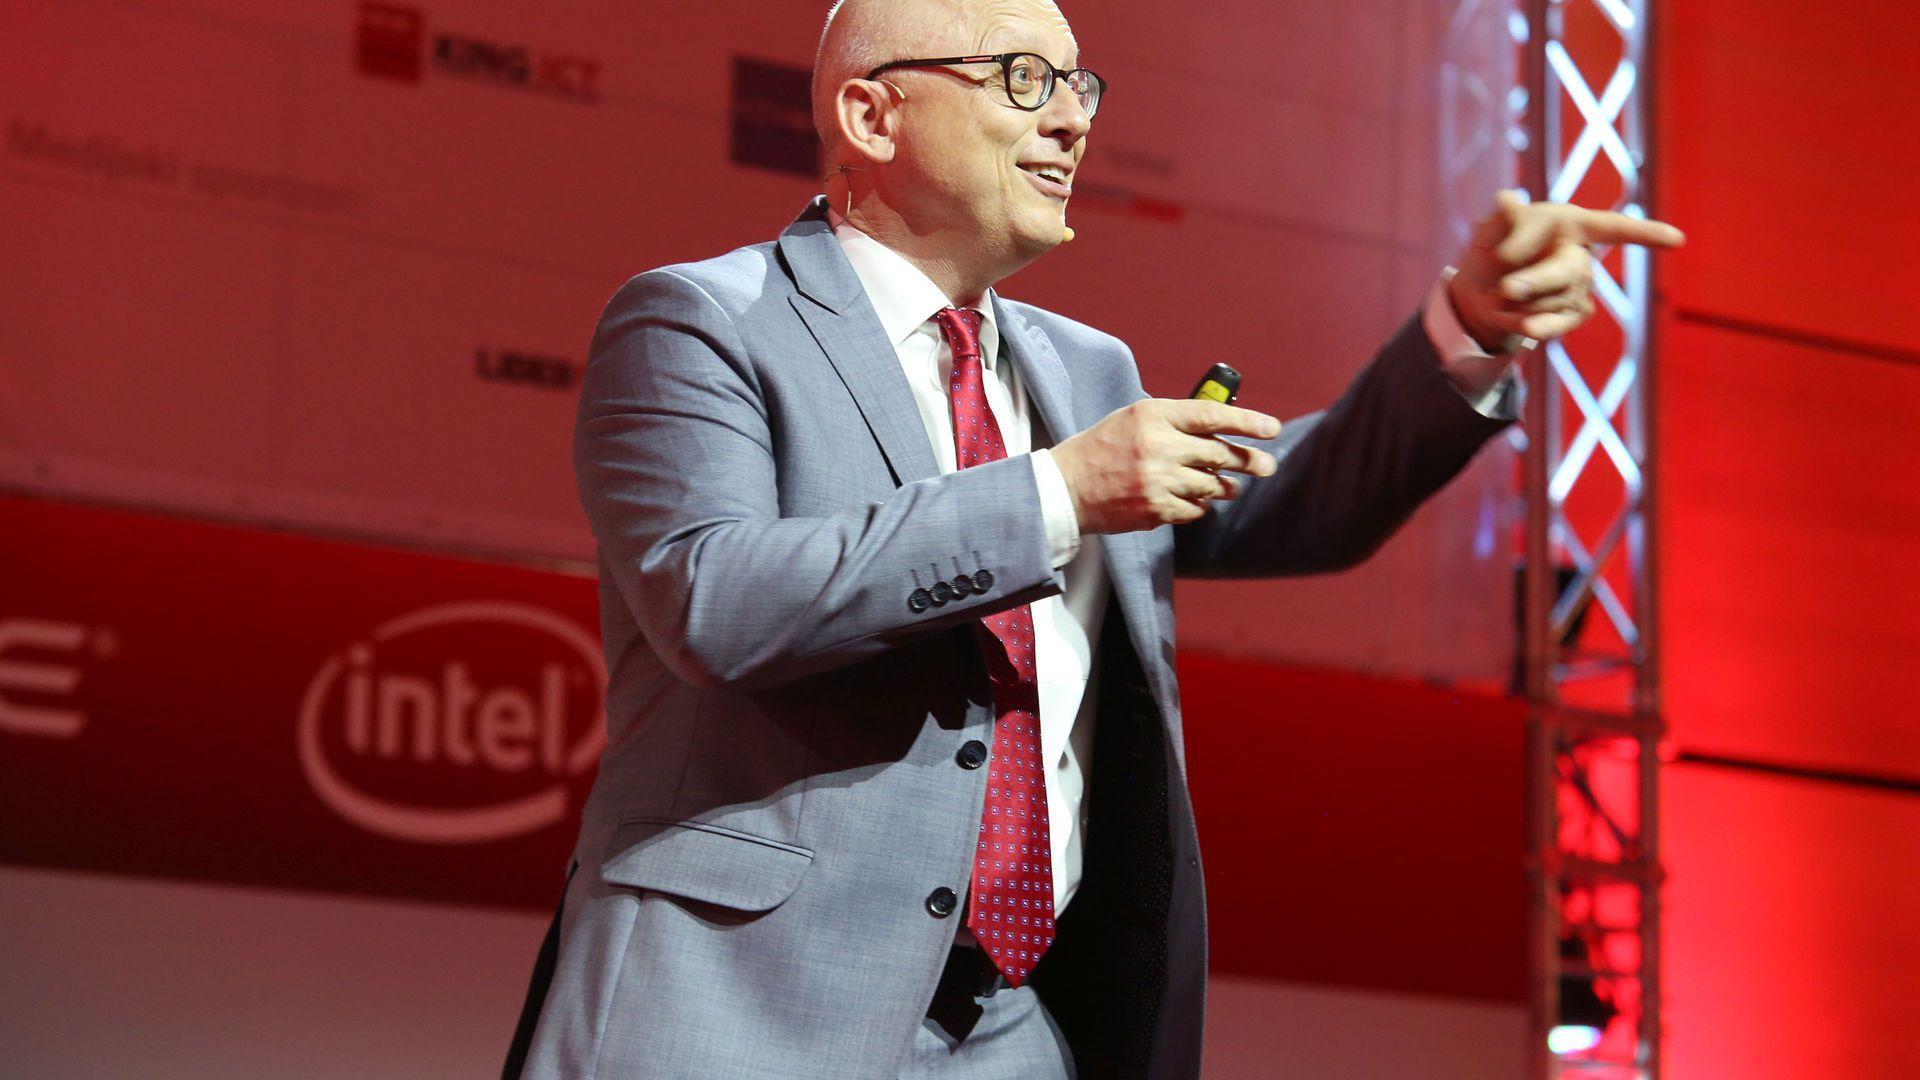 Senior Oracle Executive Joins Synerise - Newsroom: latest news on Synerise AI Growth Cloud